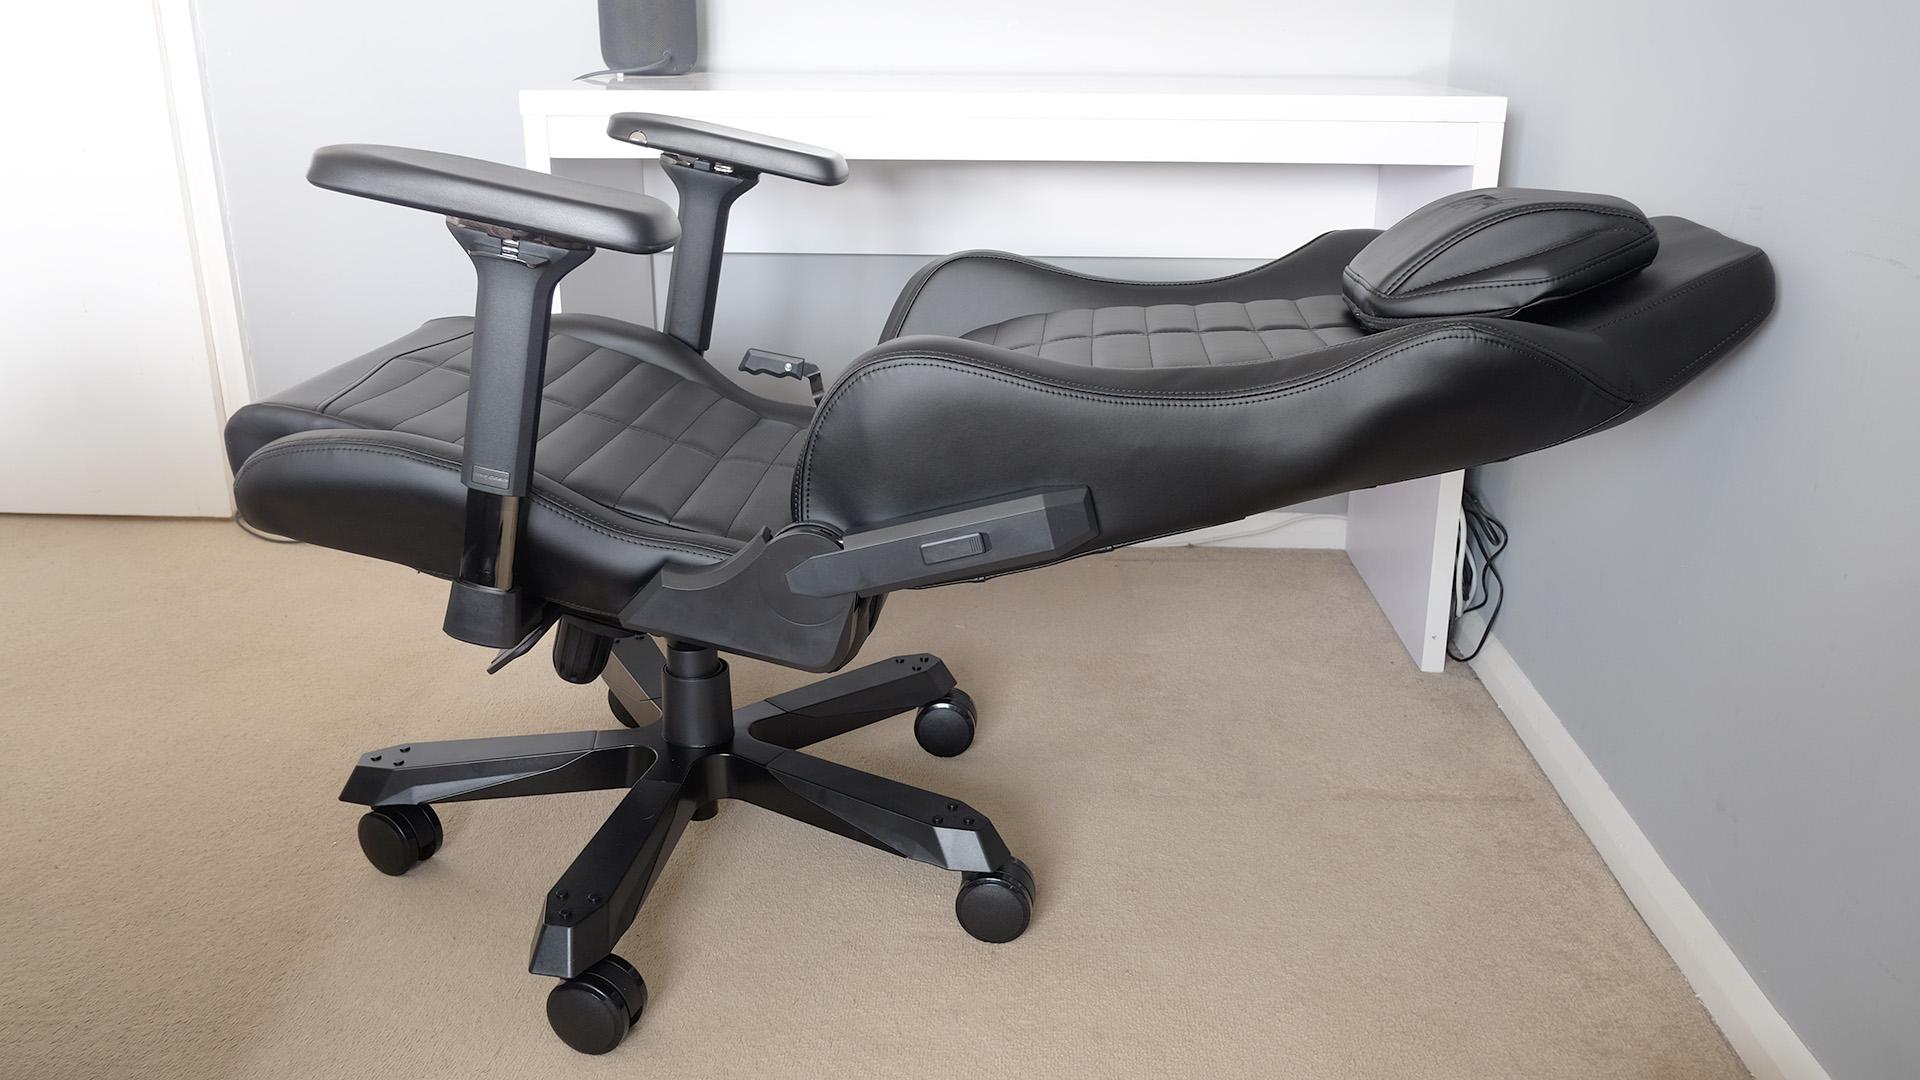 DXRacer max recline